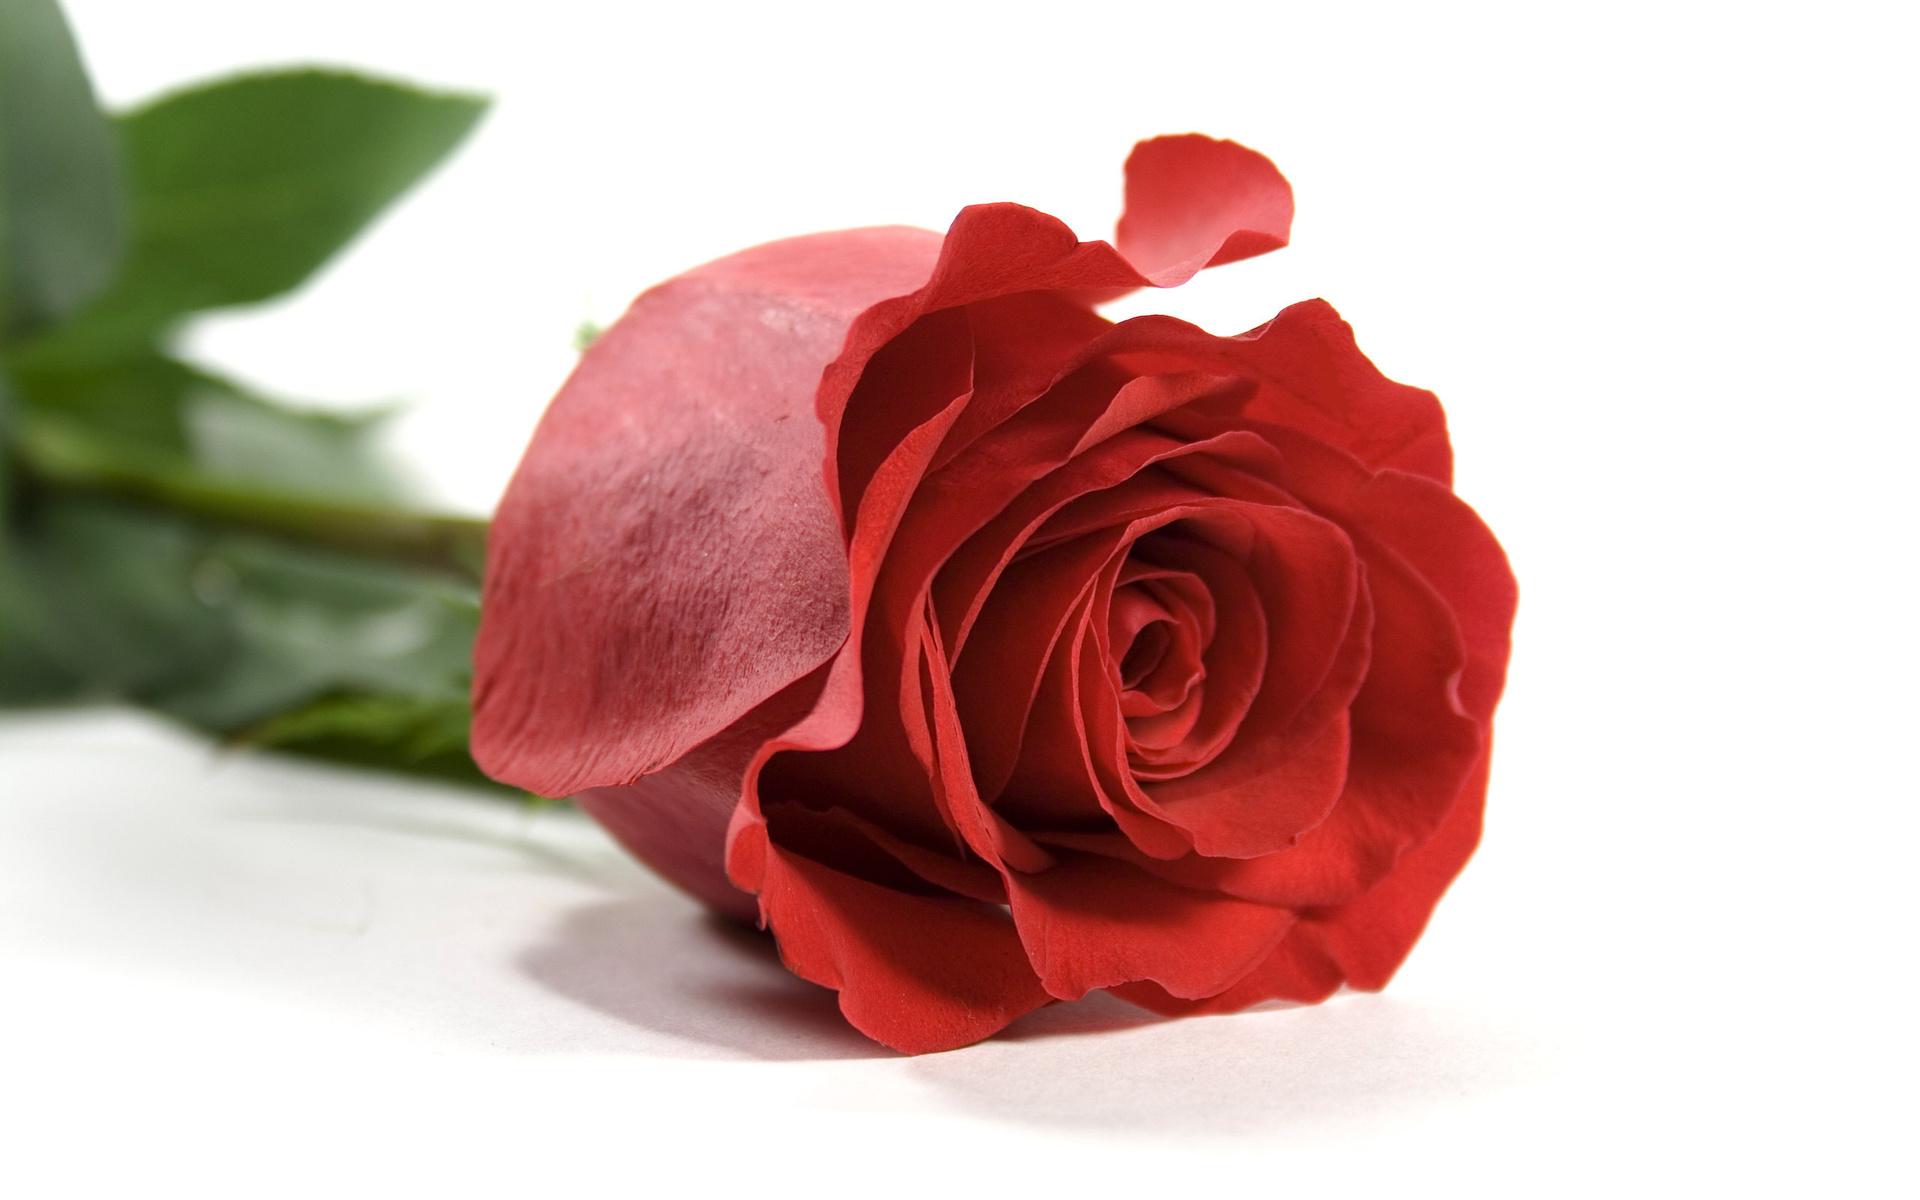 продаже вариант картинка лбми роза бесплатных объявлений